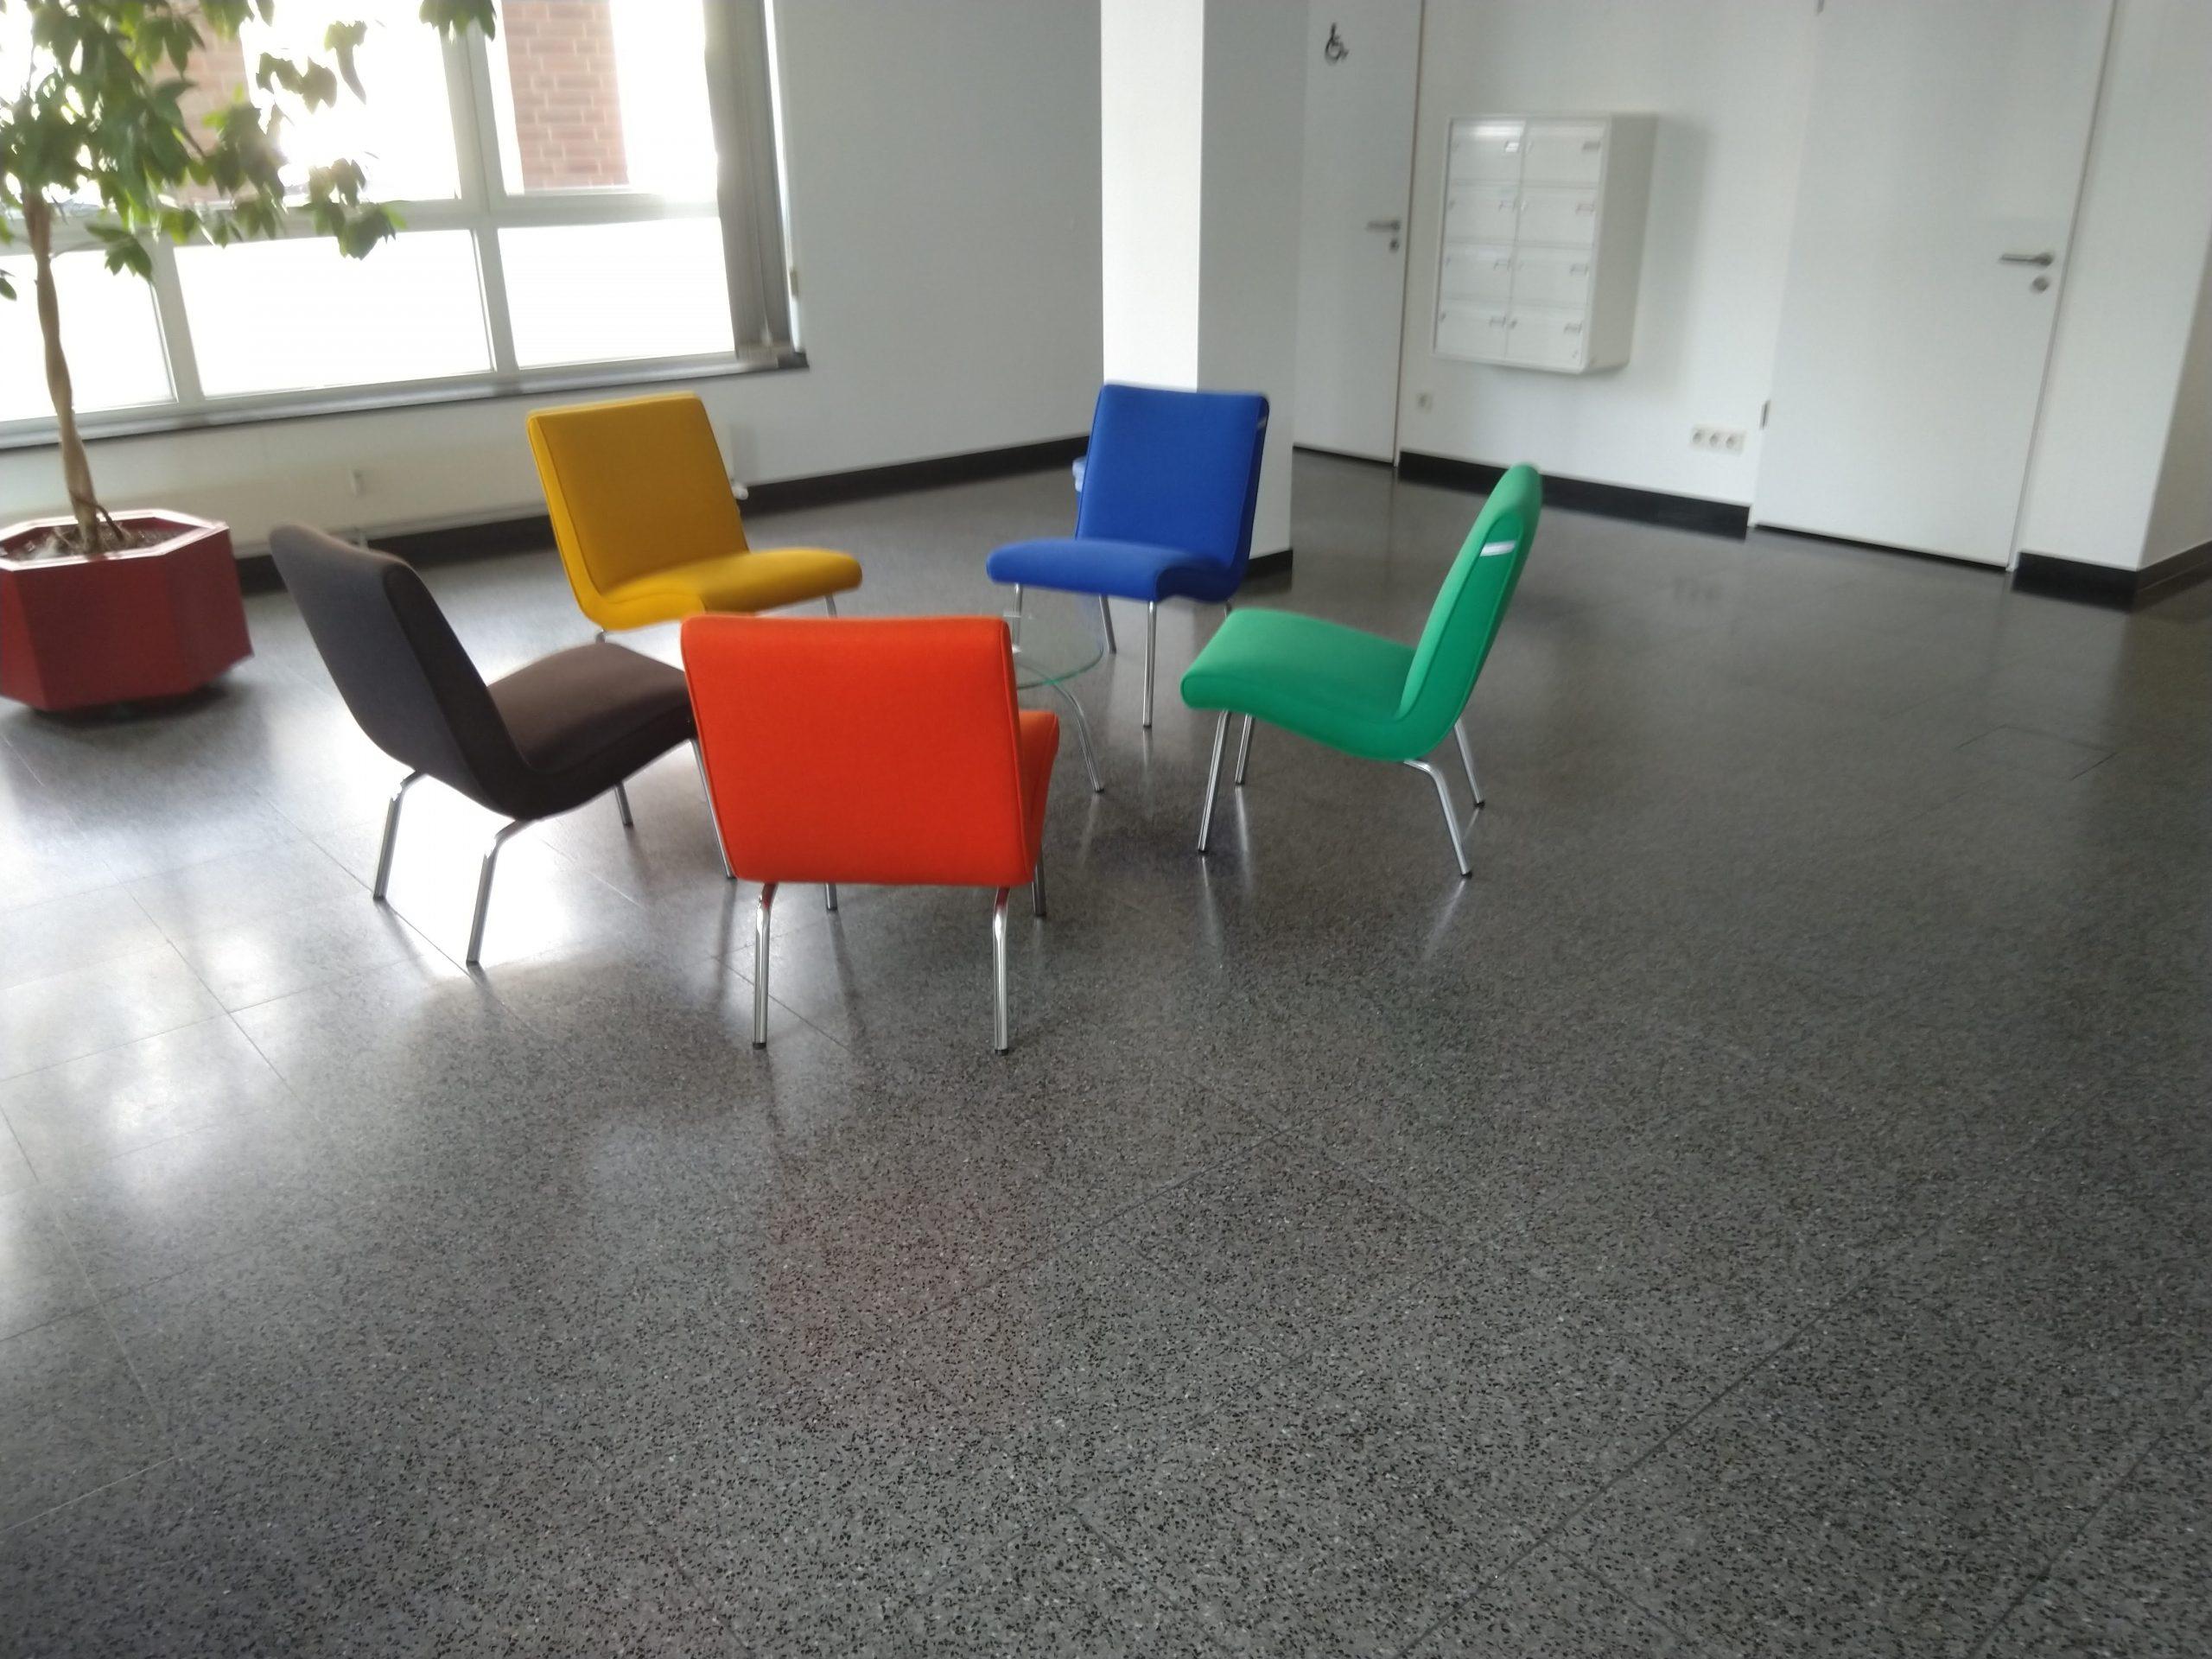 gelber, roter, grüner, roter und schwarzer Stuhl steht im Empfangsbereich - Wischen ist Macht JAMES CLEAN GMBH Ihr Servicepartner seit 1996 aus Mönchengladbach aus Mönchengladbach